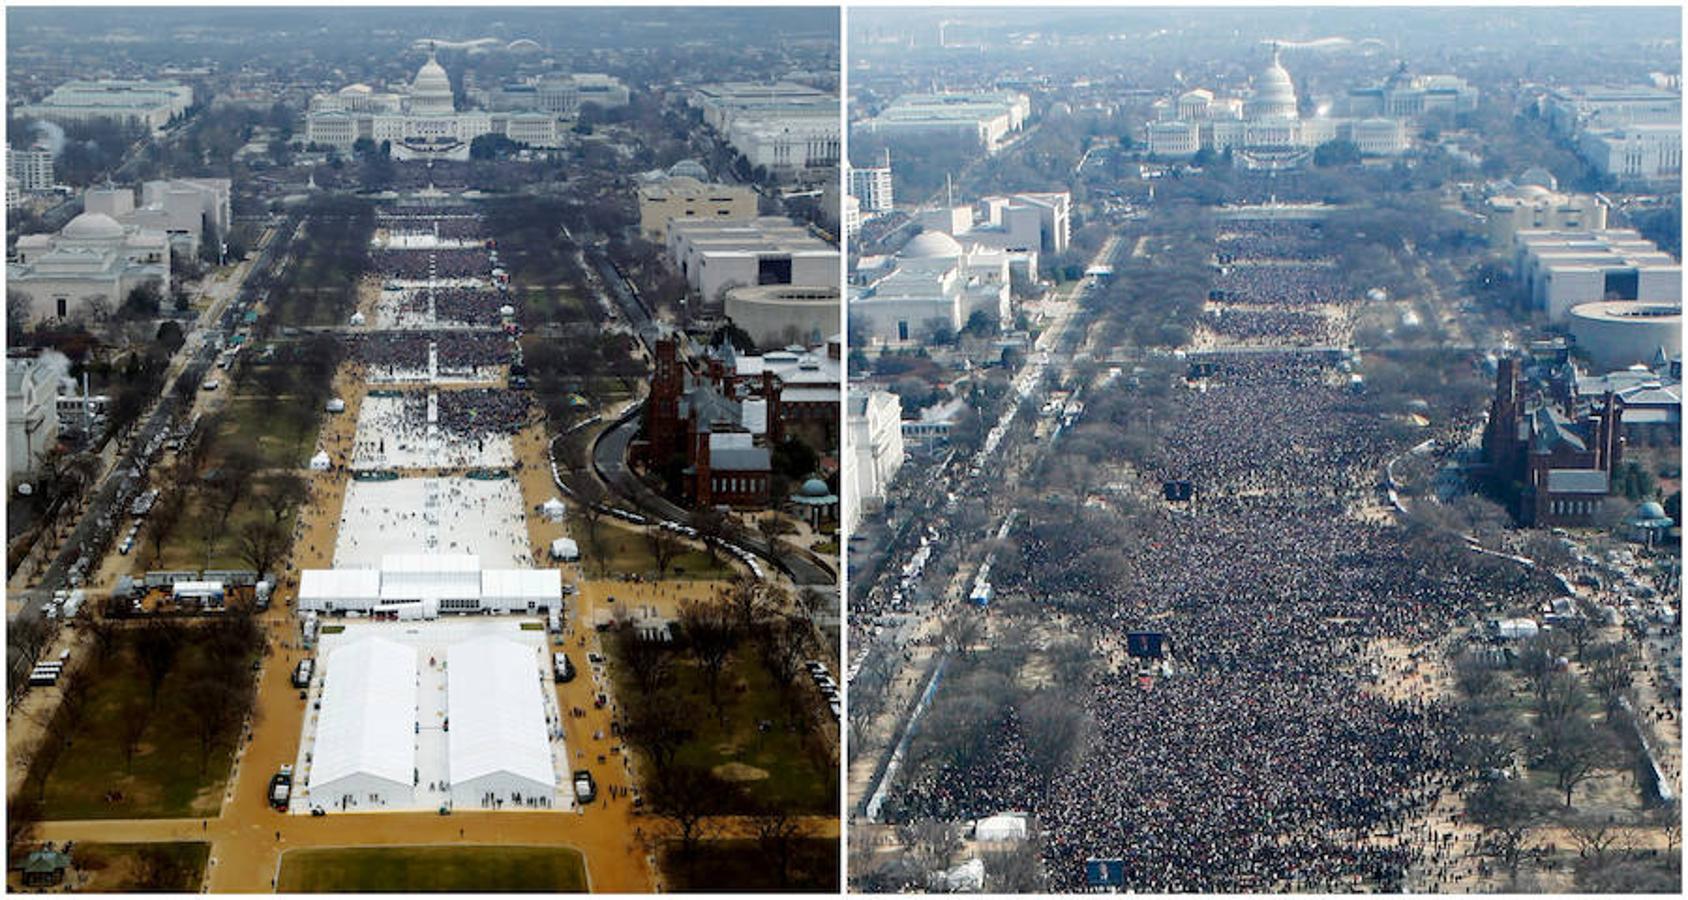 Una combinación de fotos tomadas en el National Mall muestra a las multitudes que asisten a las ceremonias de toma de posesión para jurar en el presidente de EE.UU. Donald Trump el 20 de enero de 2017 y el presidente Barack Obama el 20 de enero de 2009, en Washington, EE.UU